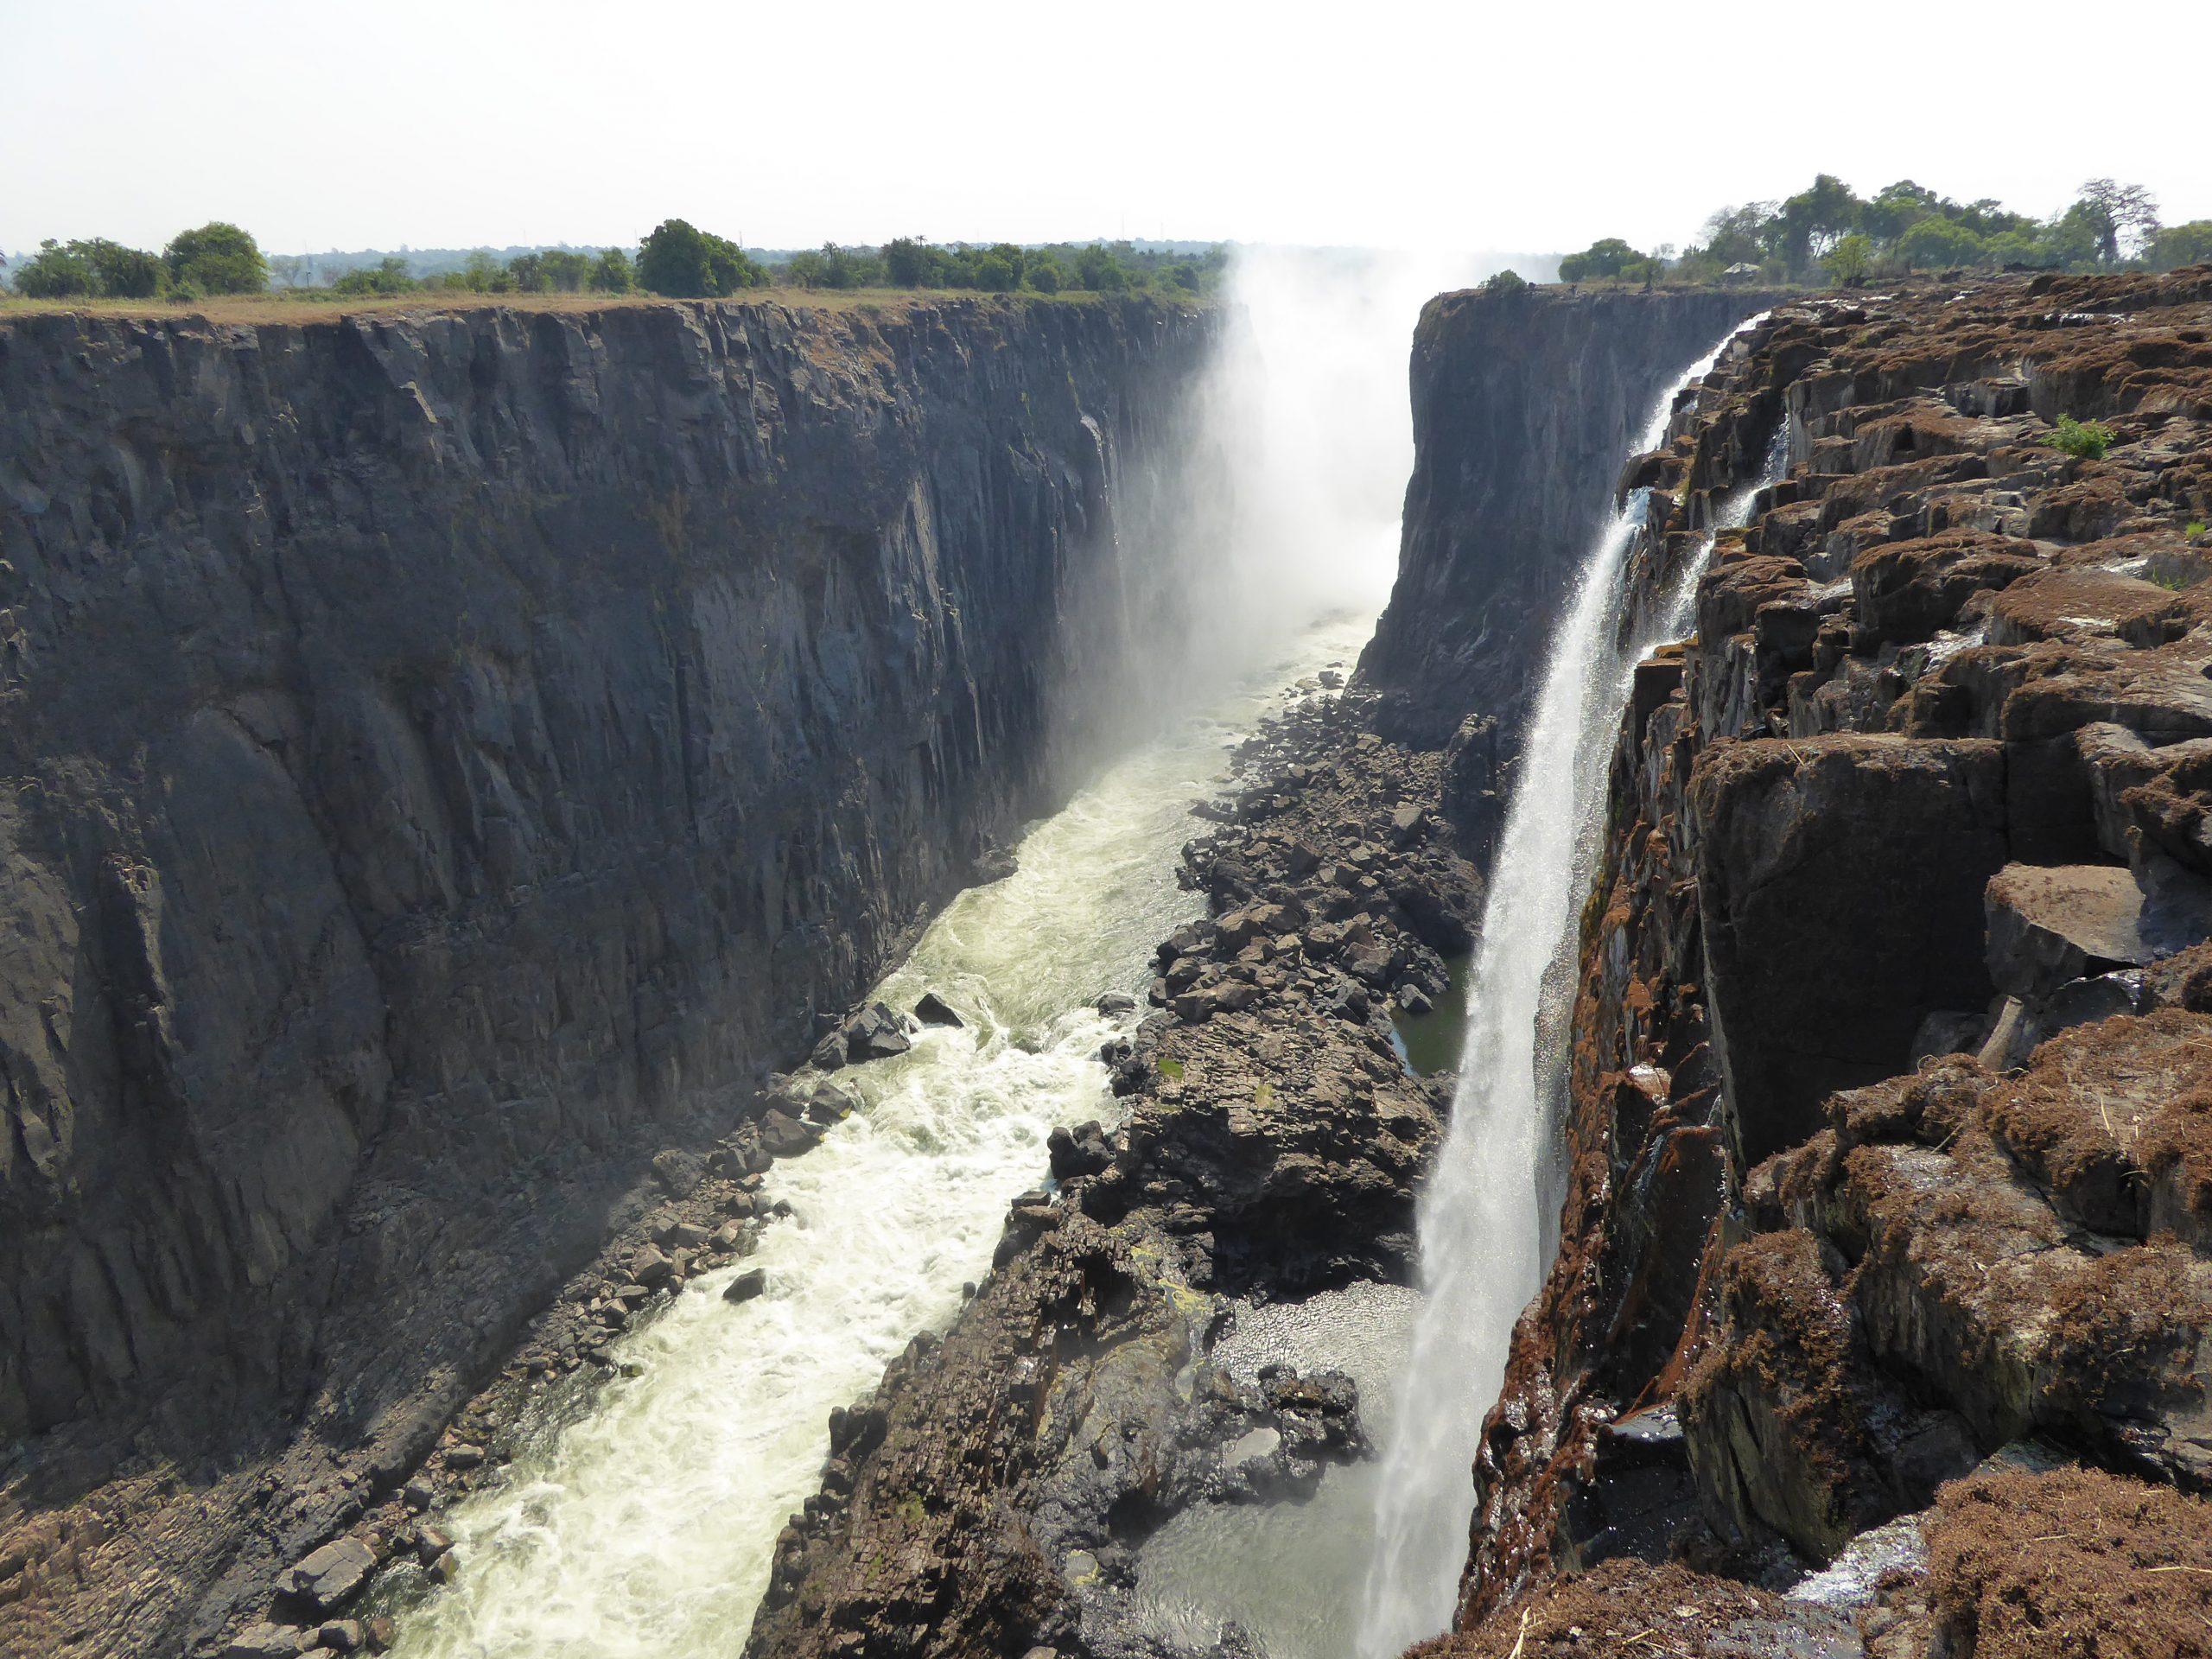 Radreise Afrika 2014 - Sambesi-Schlucht bei den Victoria Falls